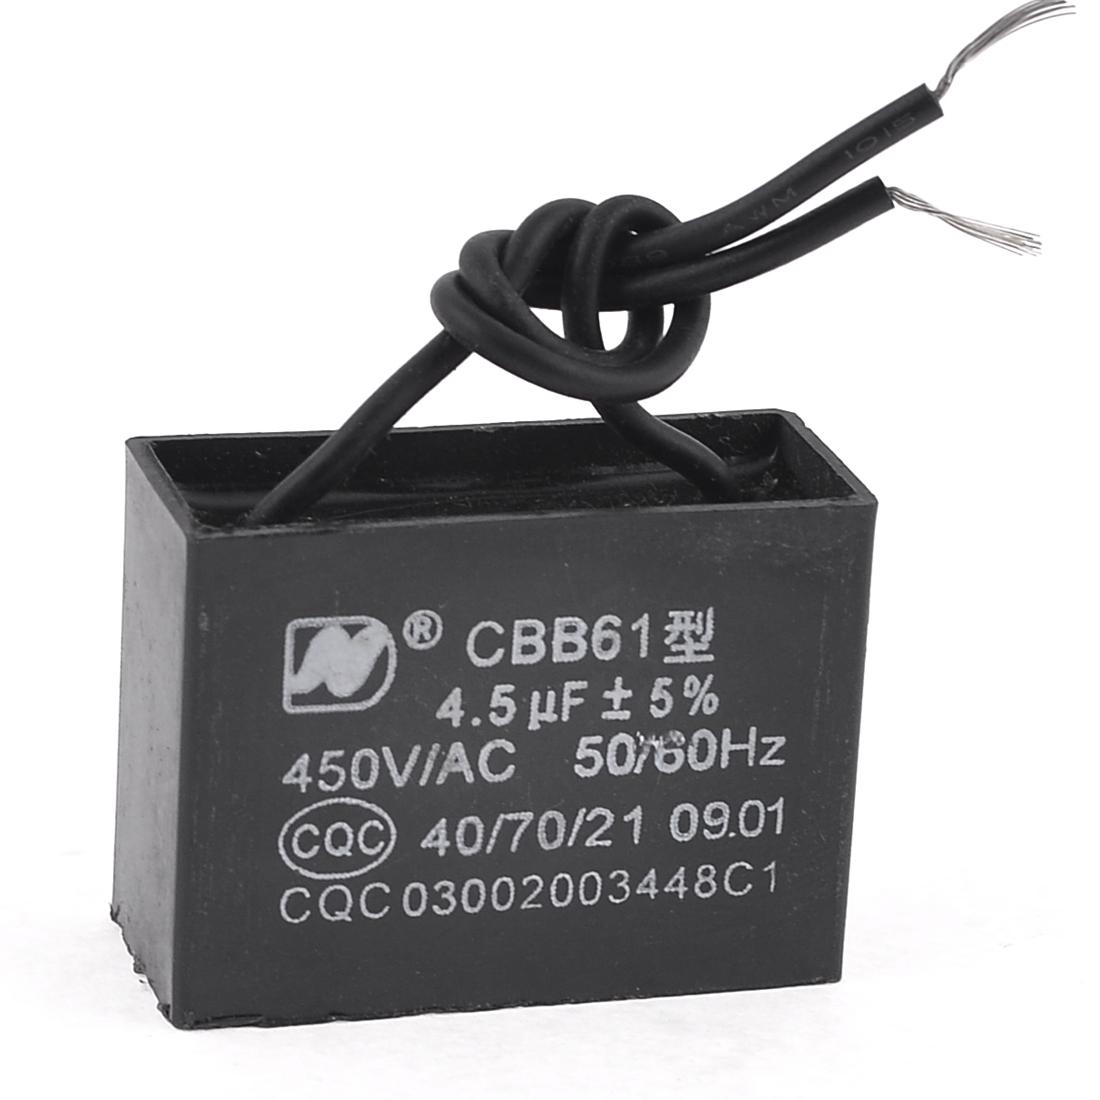 450VAC 4.5uF 50/60Hz Fan Motor Running Capacitor CBB61 Black